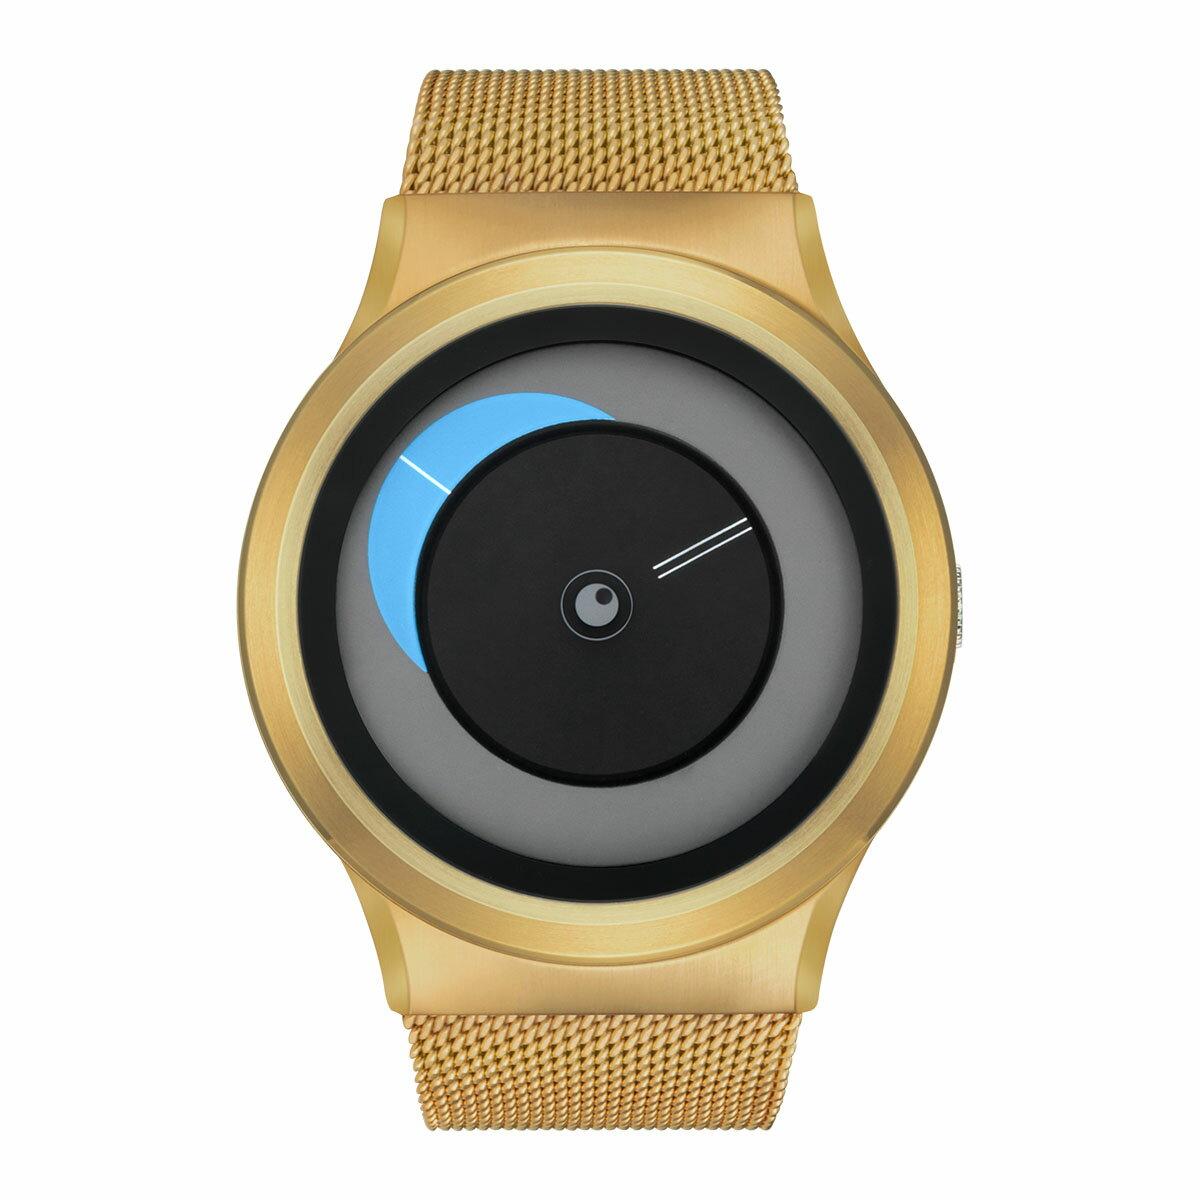 ZEROO CRESCENT MOON ゼロ 電池式クォーツ 腕時計 [W09036B04SM04] ブルー デザインウォッチ ペア用 メンズ レディース ユニセックス おしゃれ時計 デザイナーズ